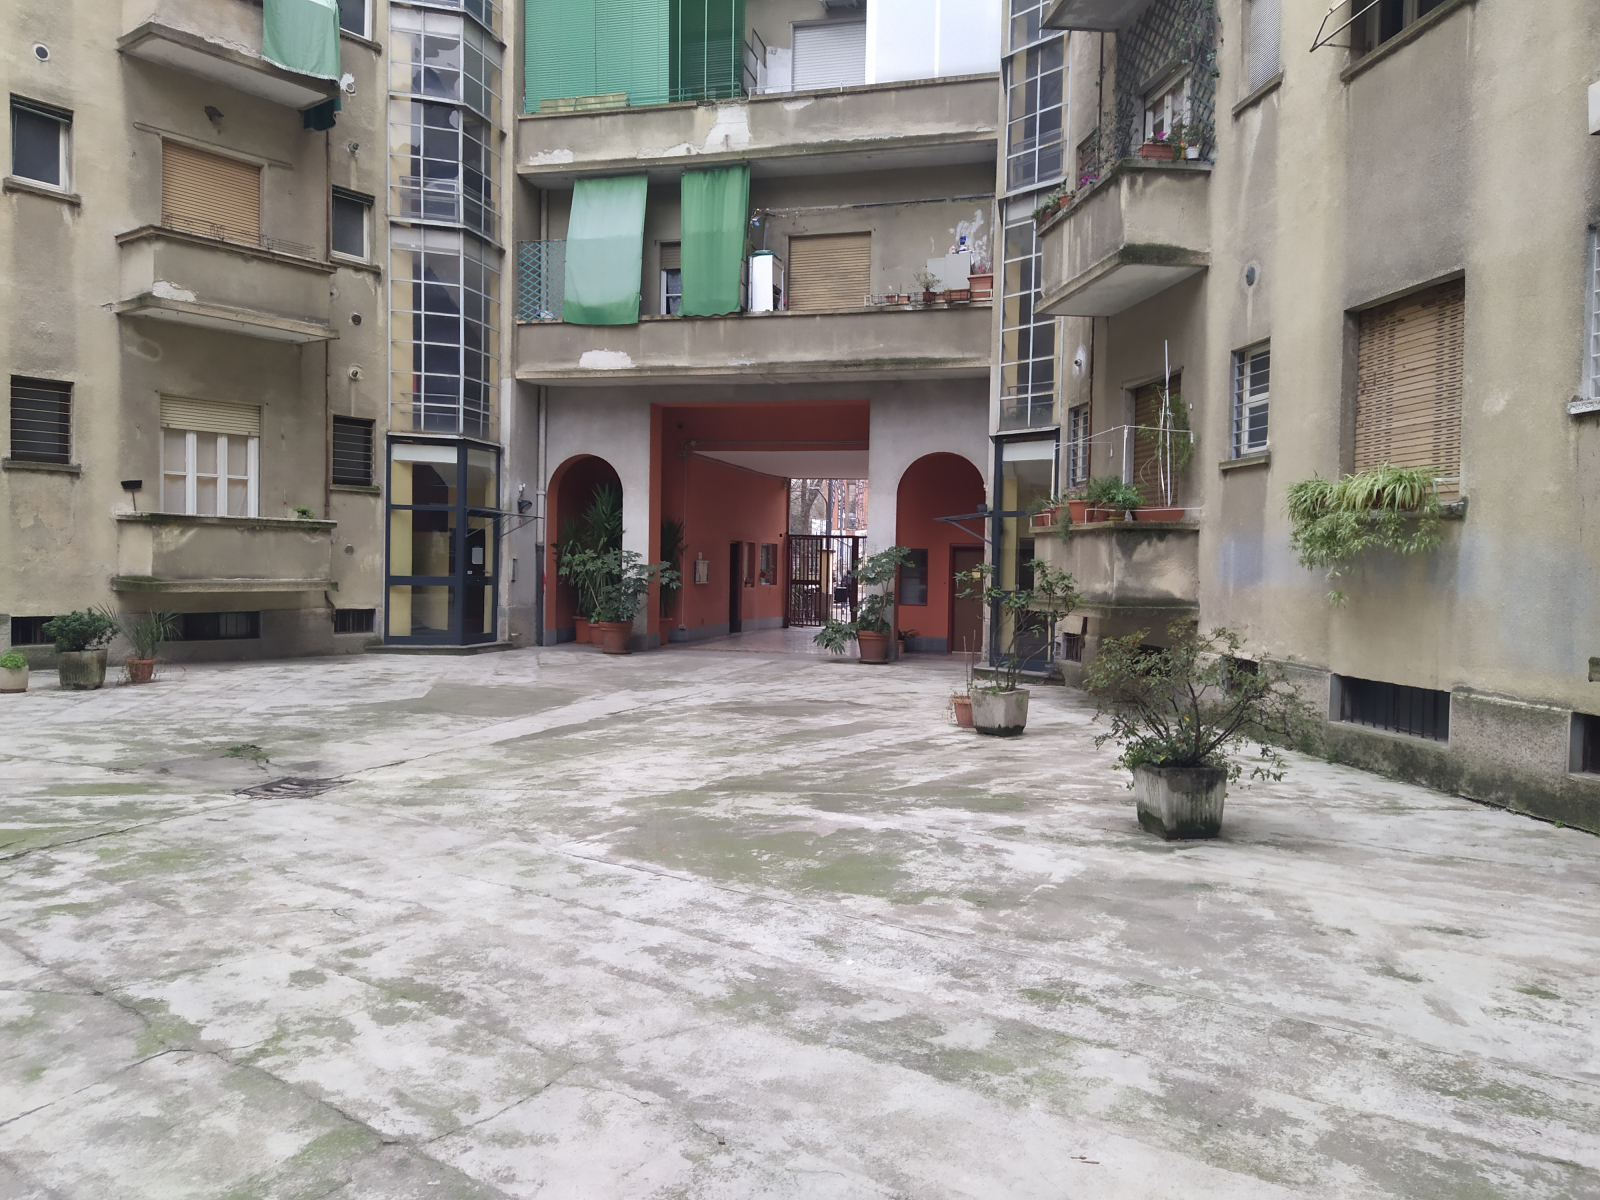 appartamento-in-vendita-piazza-seminunte-tre-locali-milano-da-ristrutturare-spaziourbano-immobiliare-dove-trovi-casa-27